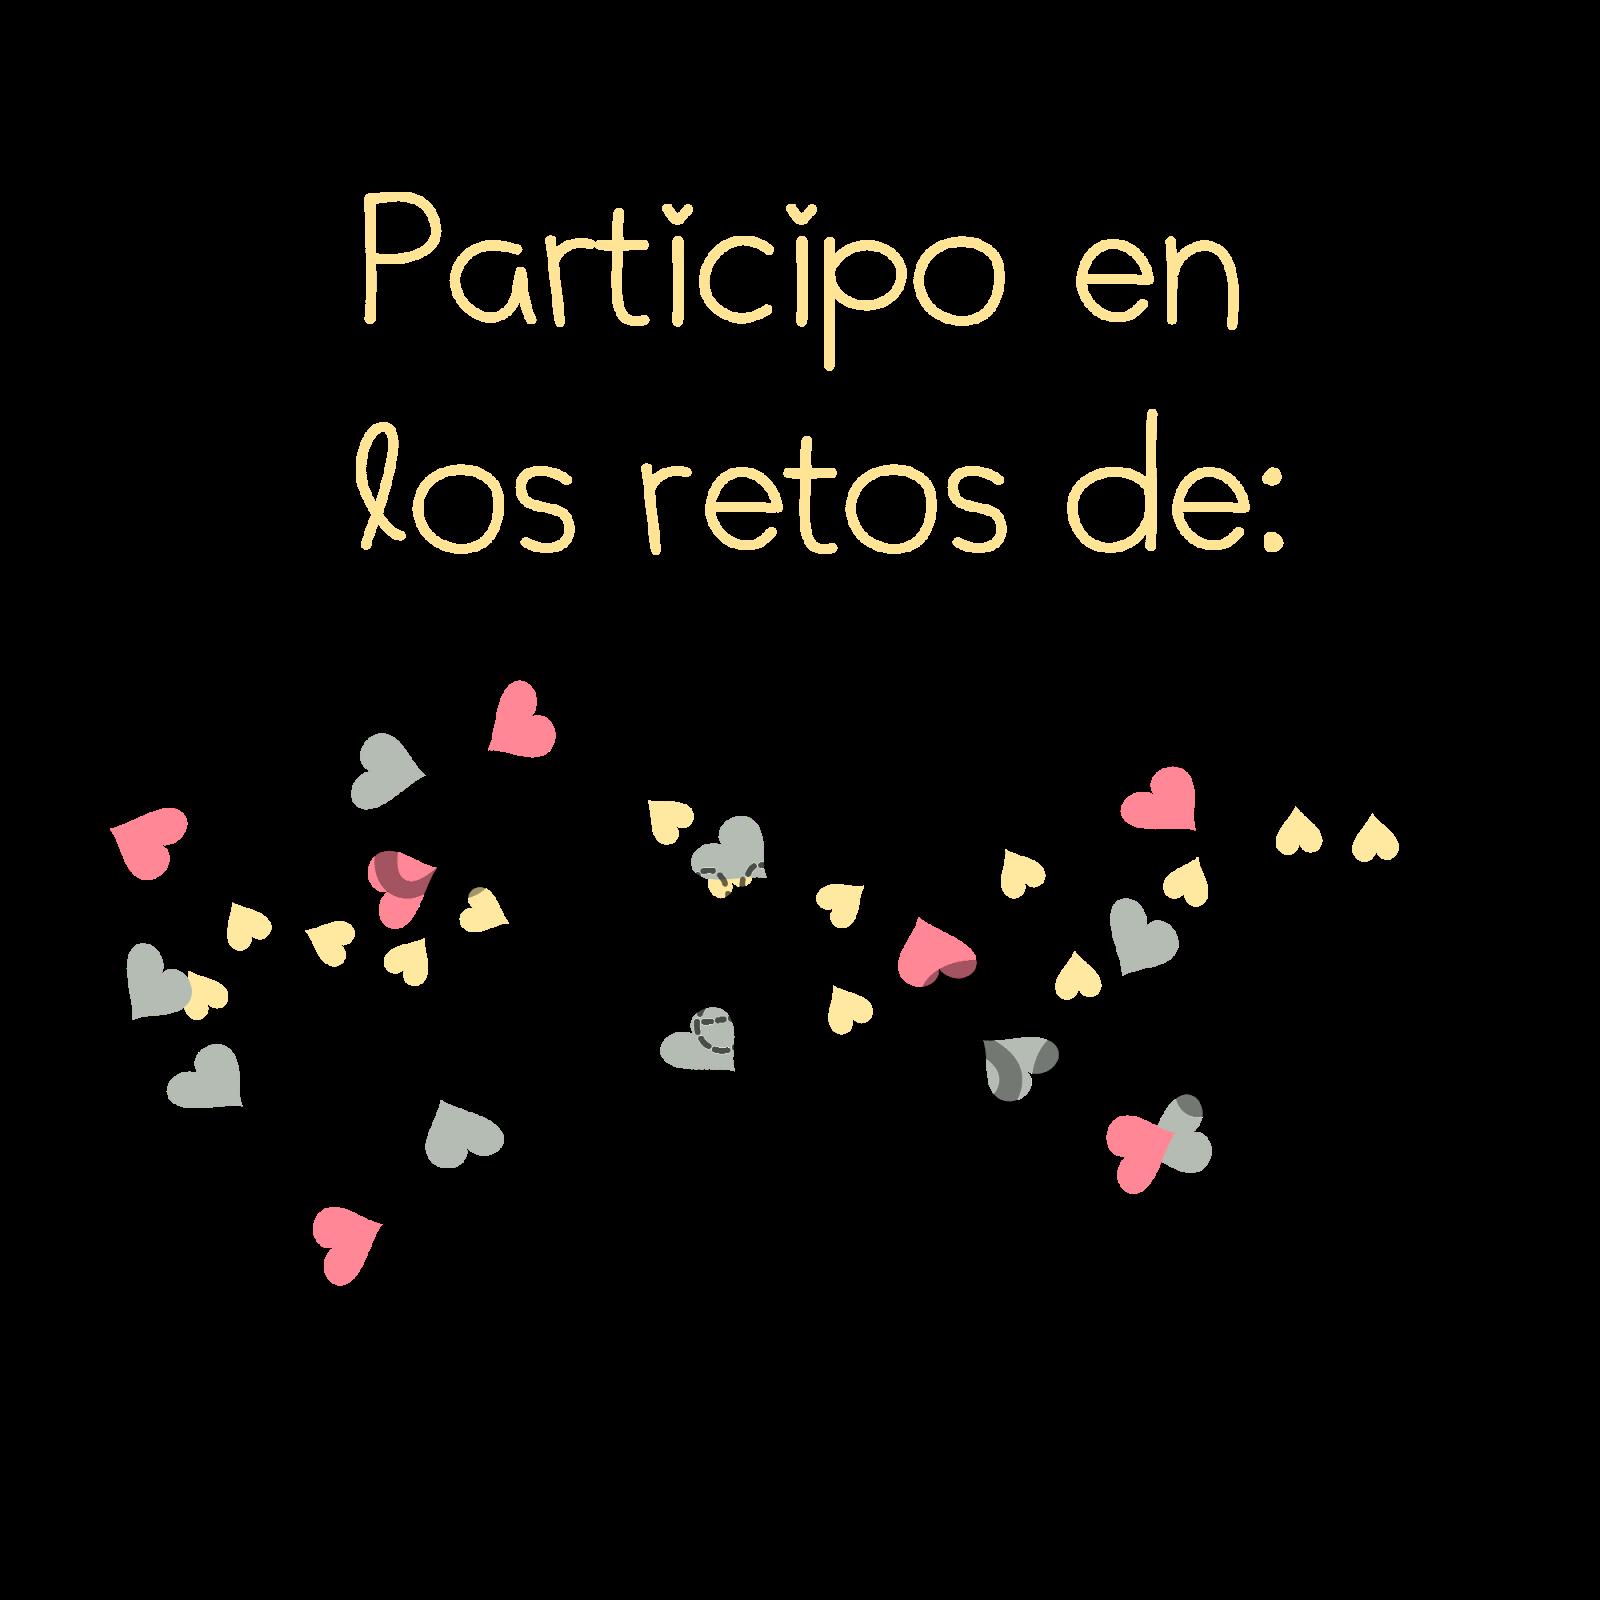 participo: